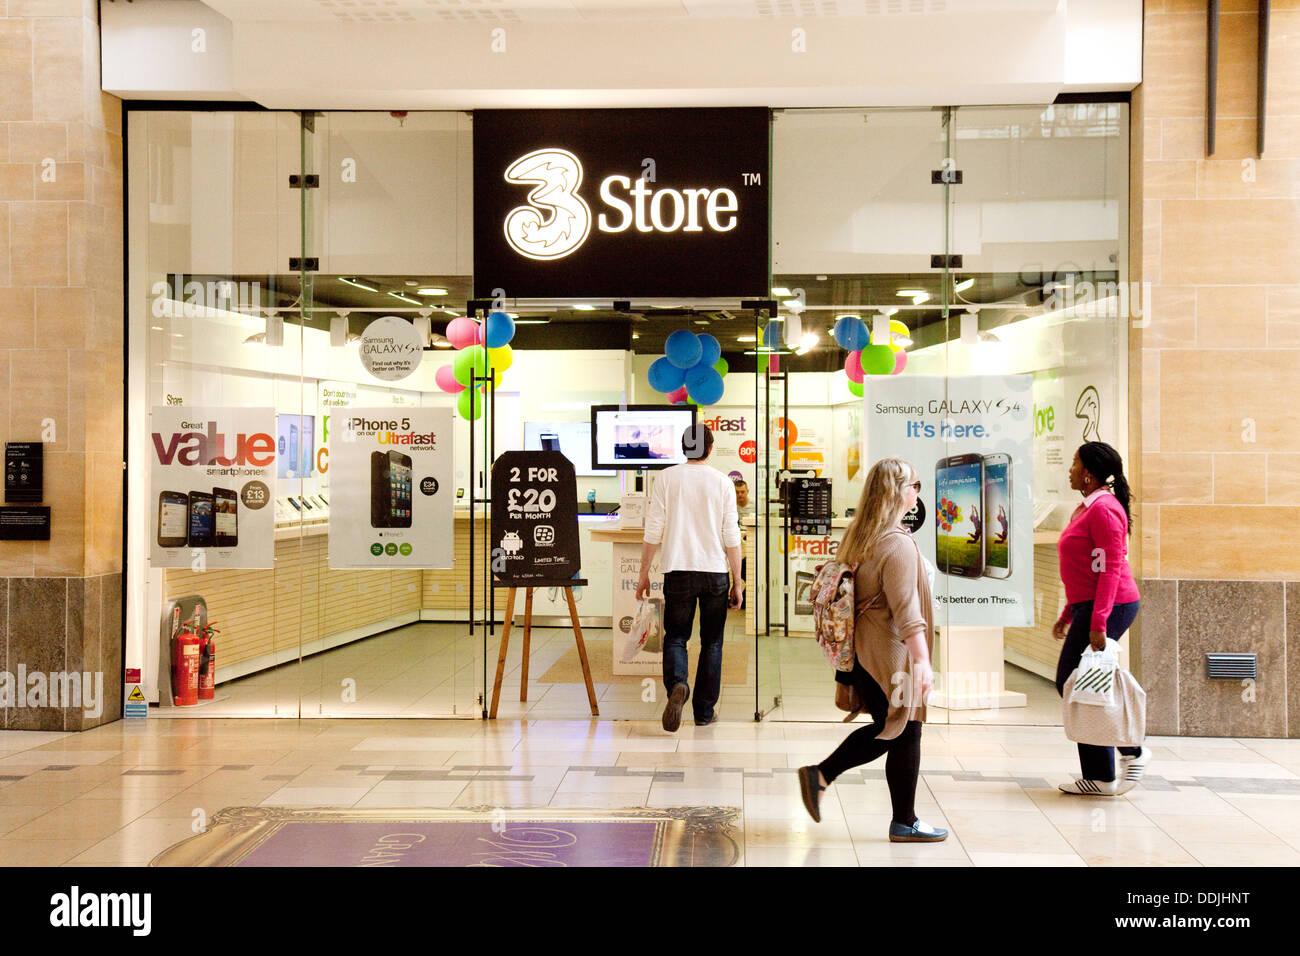 Die 3 Shop, Verkauf von Handys, The Grand Arcade, Cambridge UK Stockbild